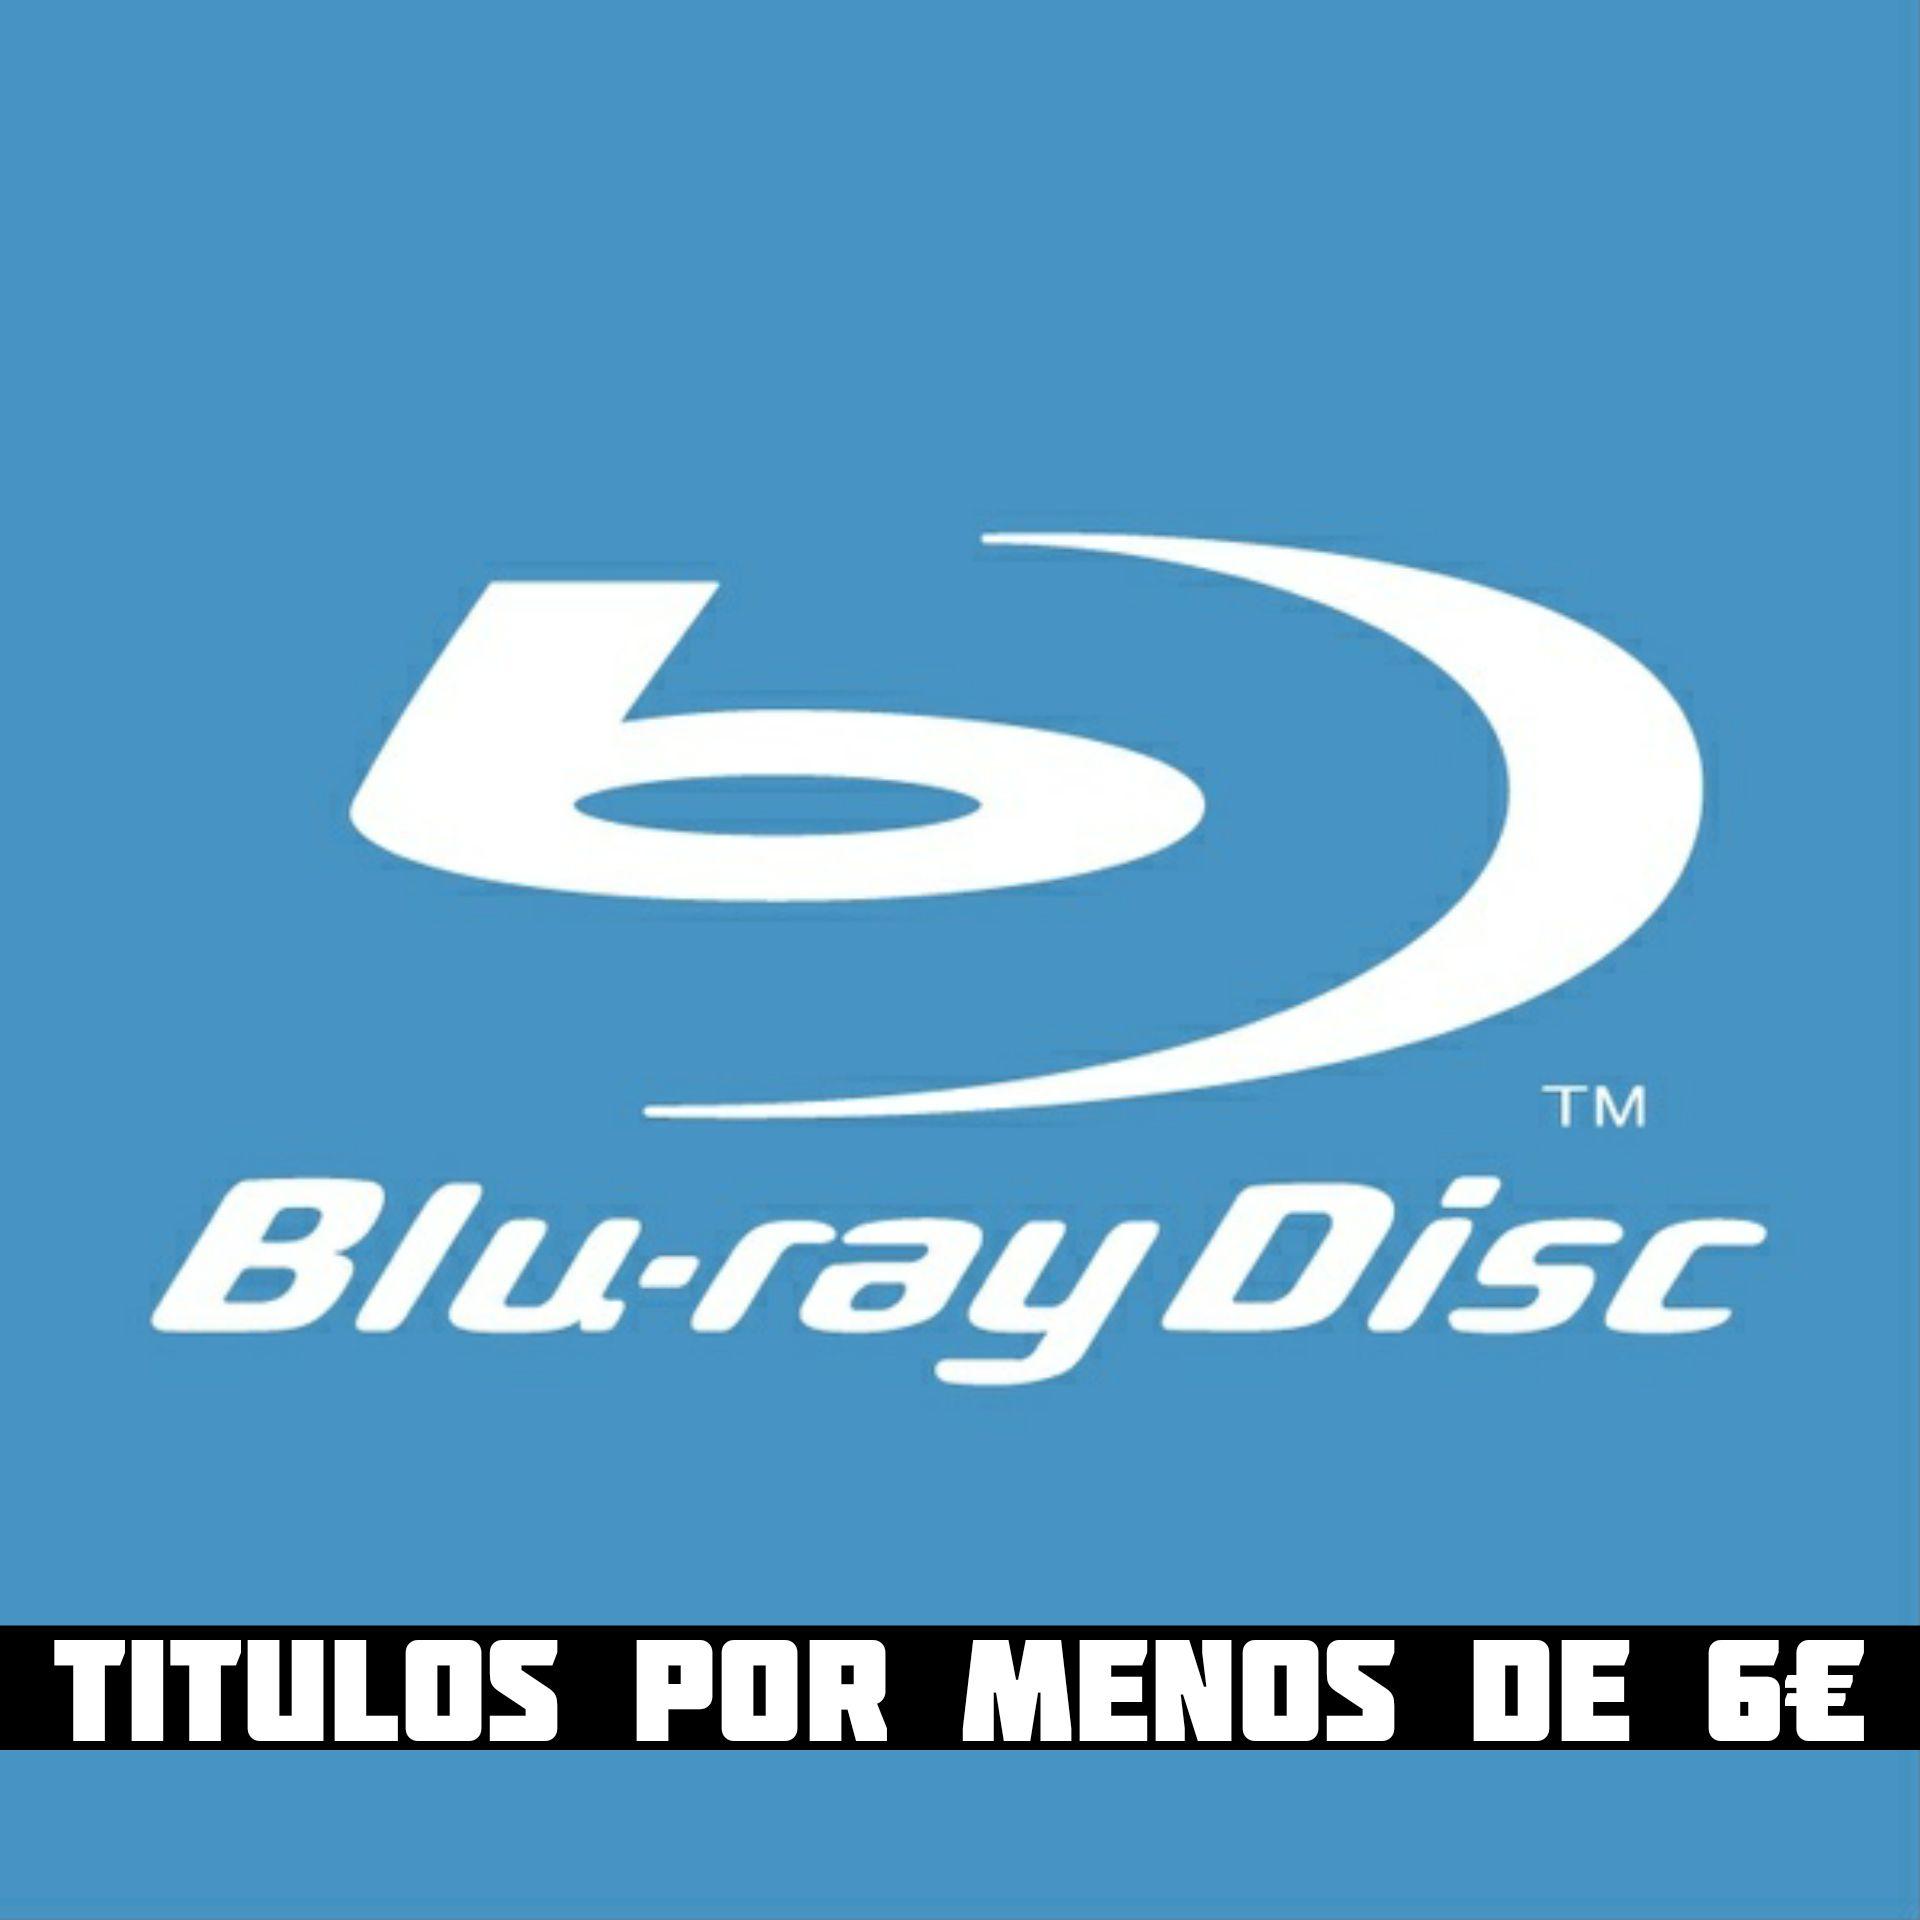 Listado de títulos en Blu-ray por menos de 6€ (Actualizado 15/08)